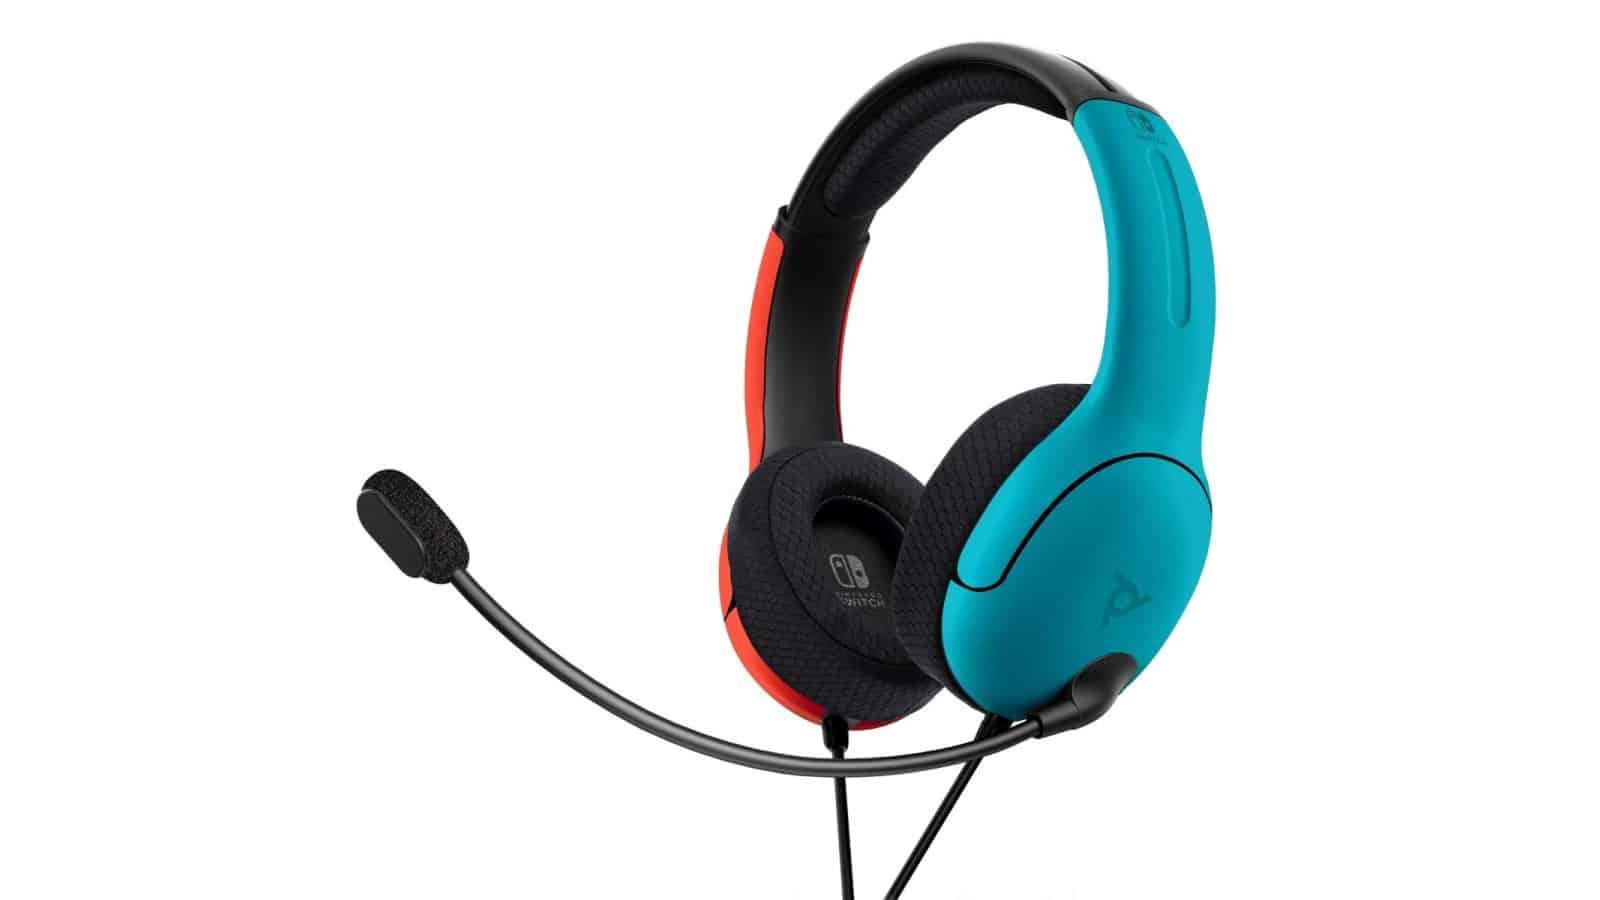 אוזניות בצבע אדום וכחול - זווית צד